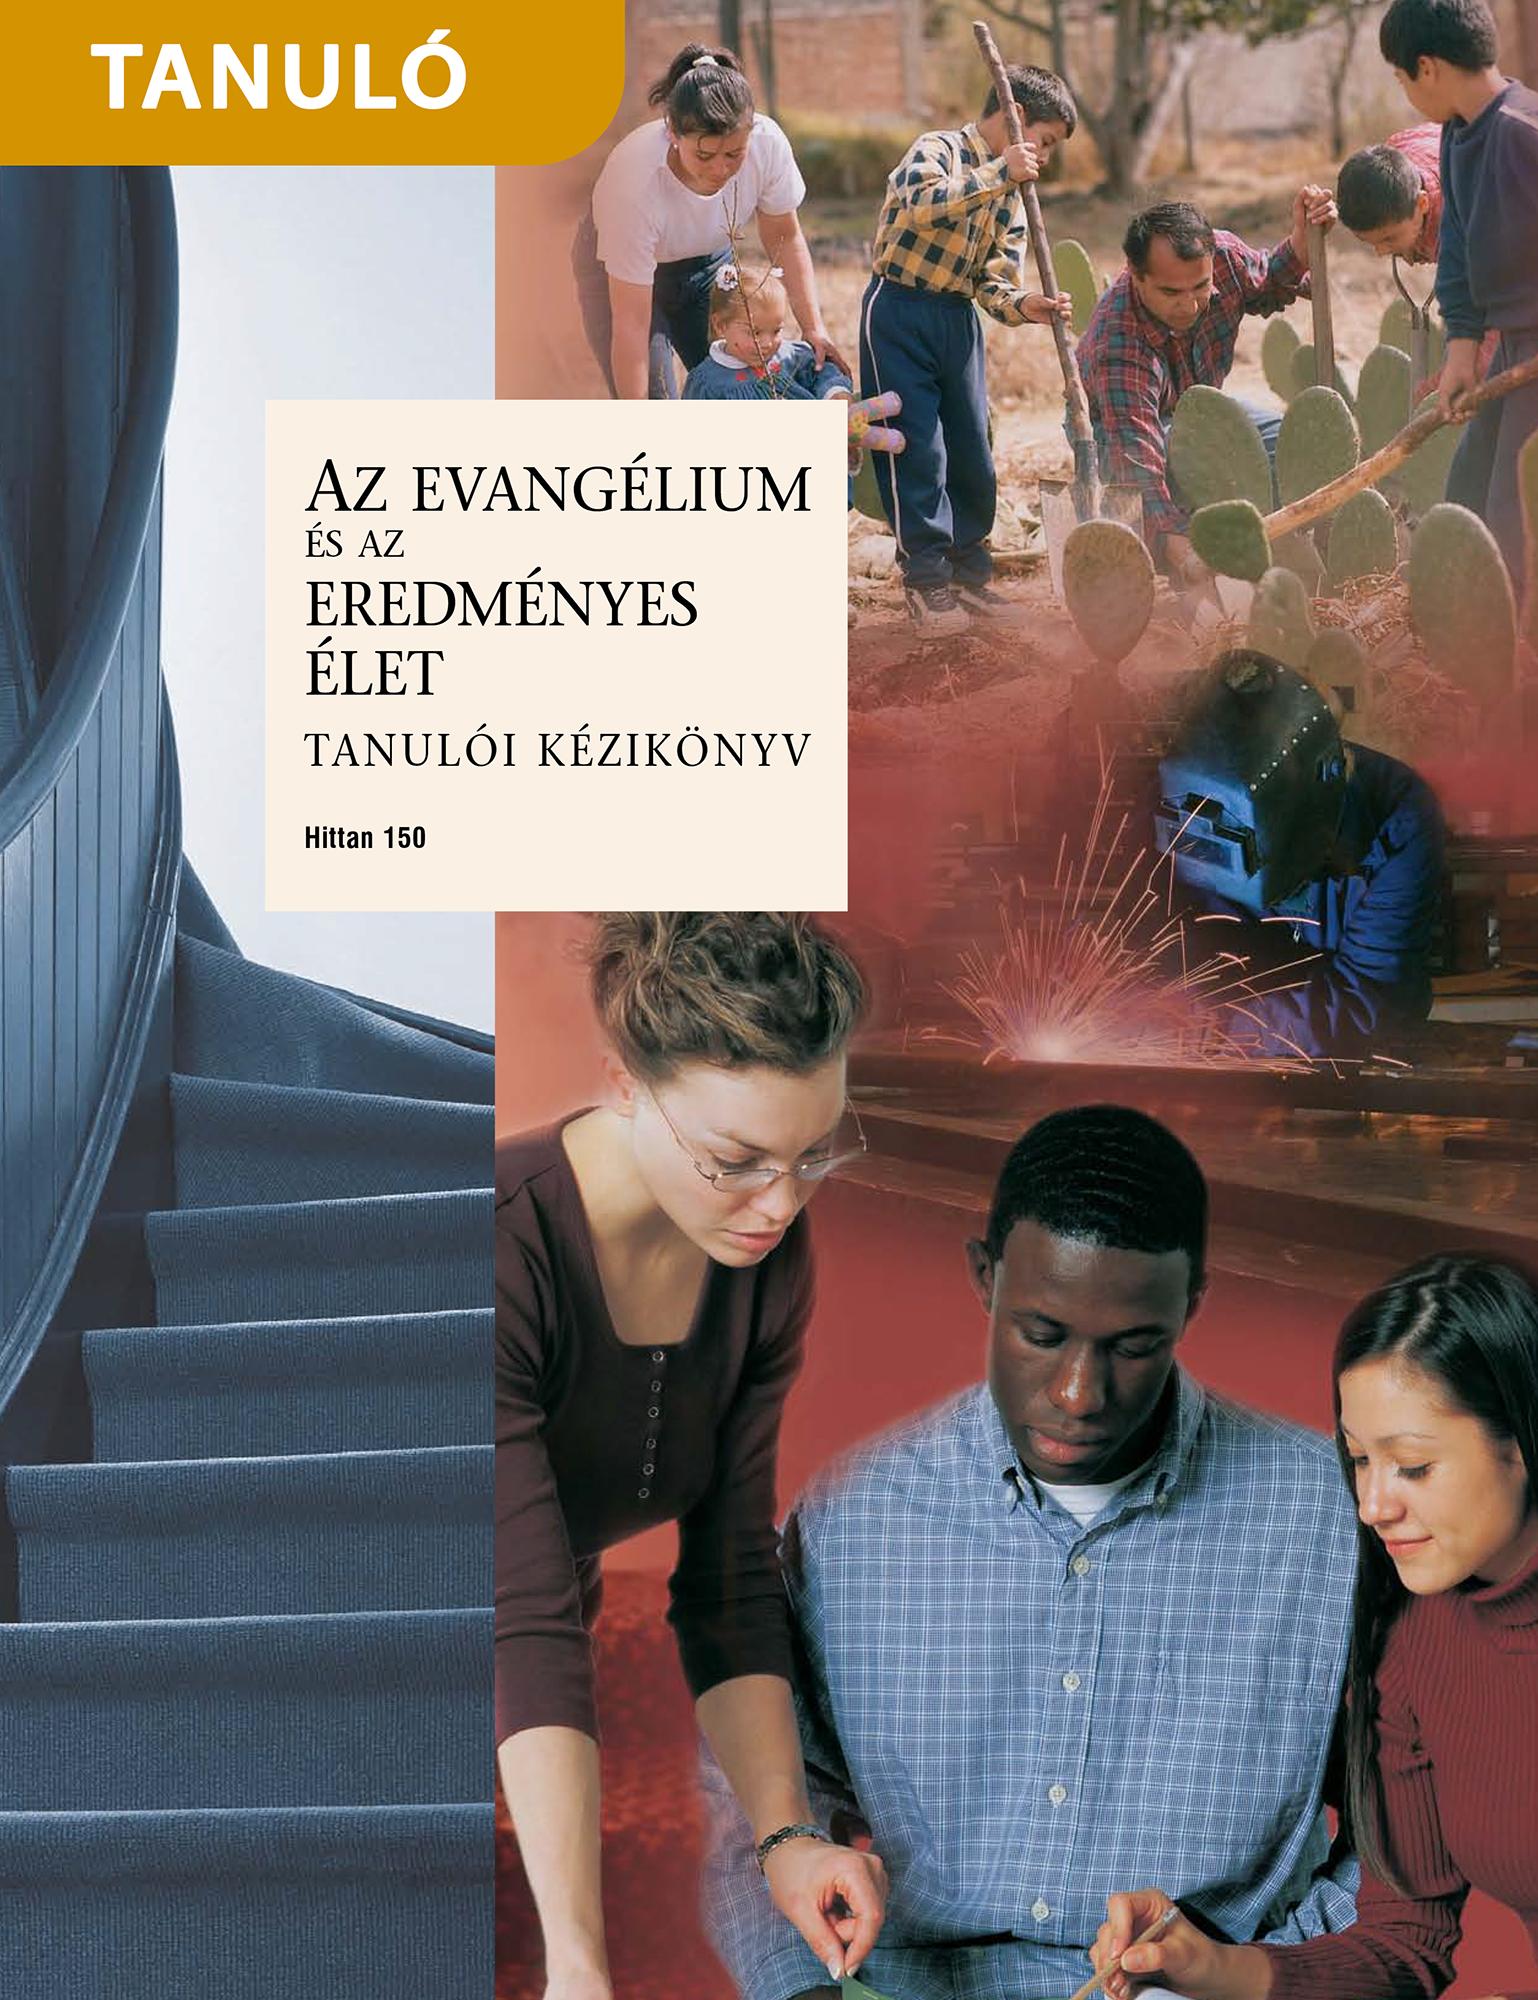 Az evangélium és az eredményes élet tanulói kézikönyv (Hittan 150)